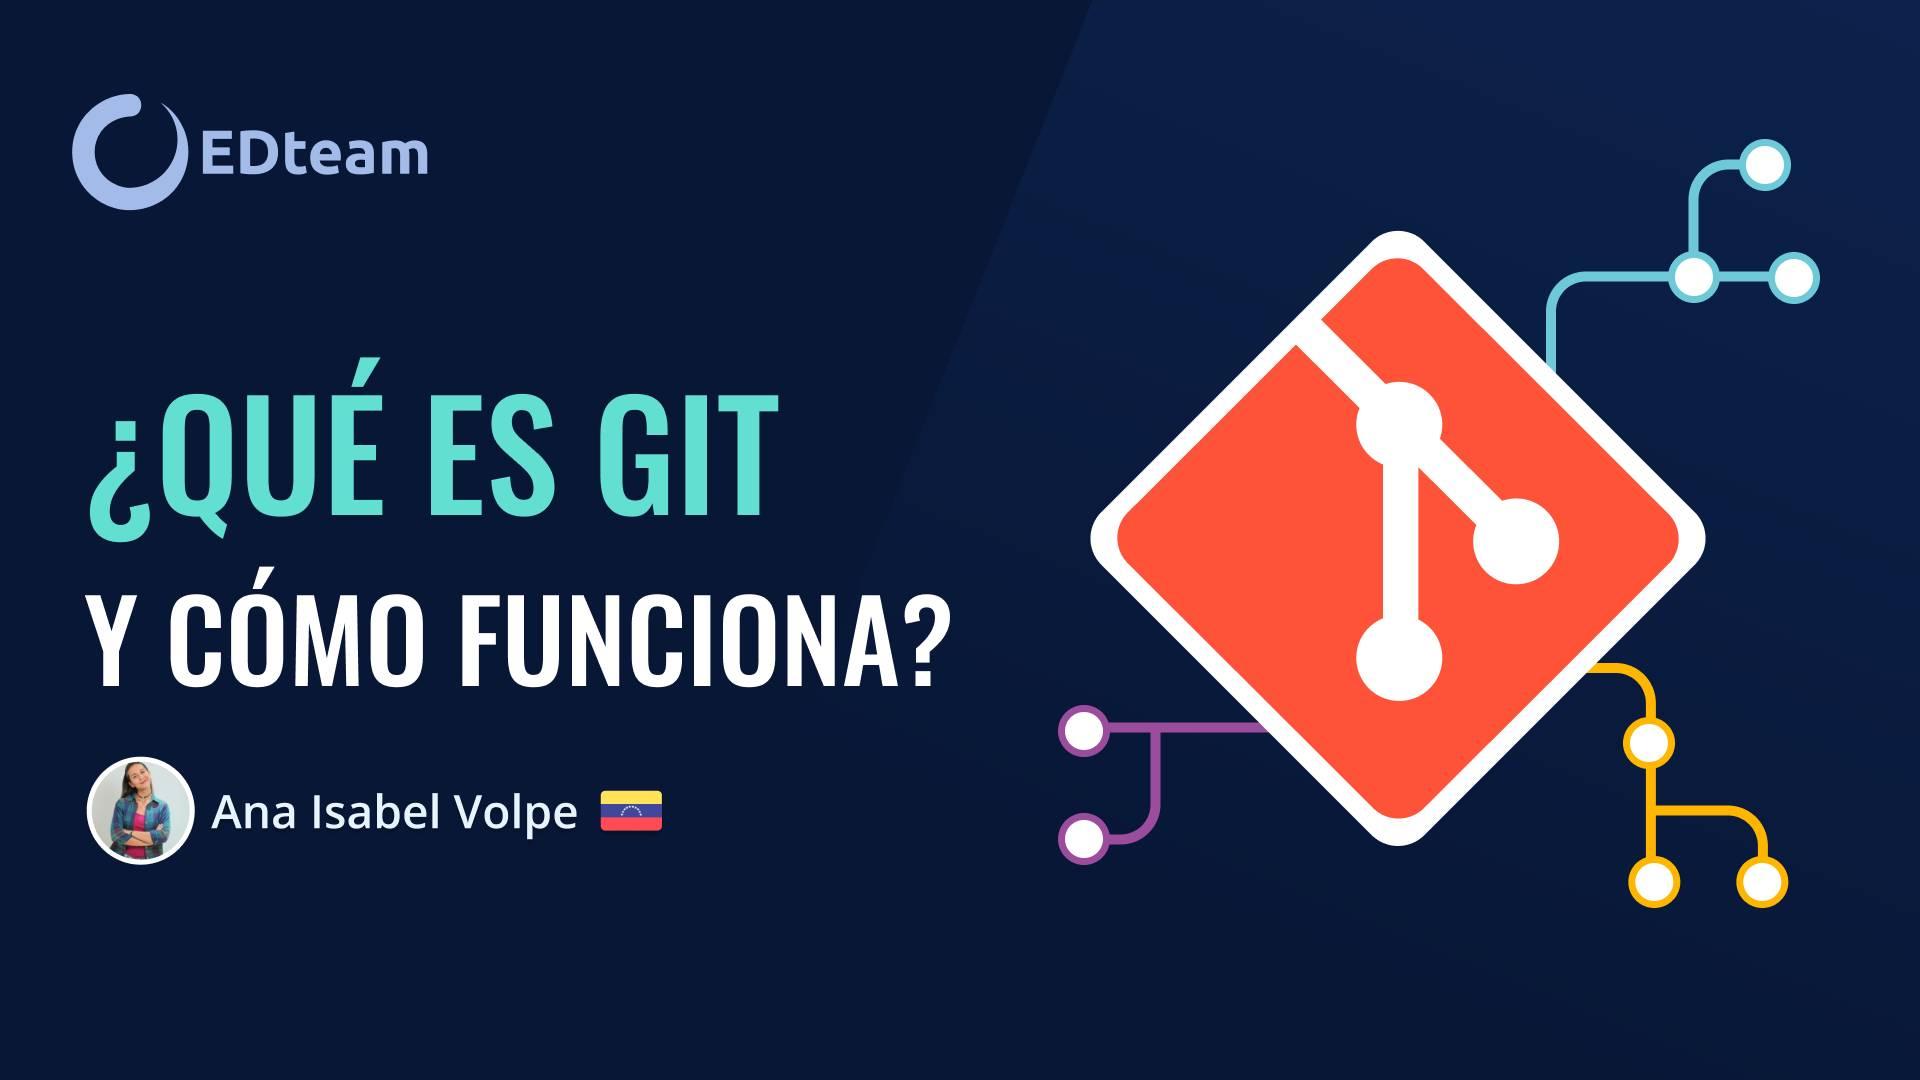 ¿Qué es GIT y cómo funciona?